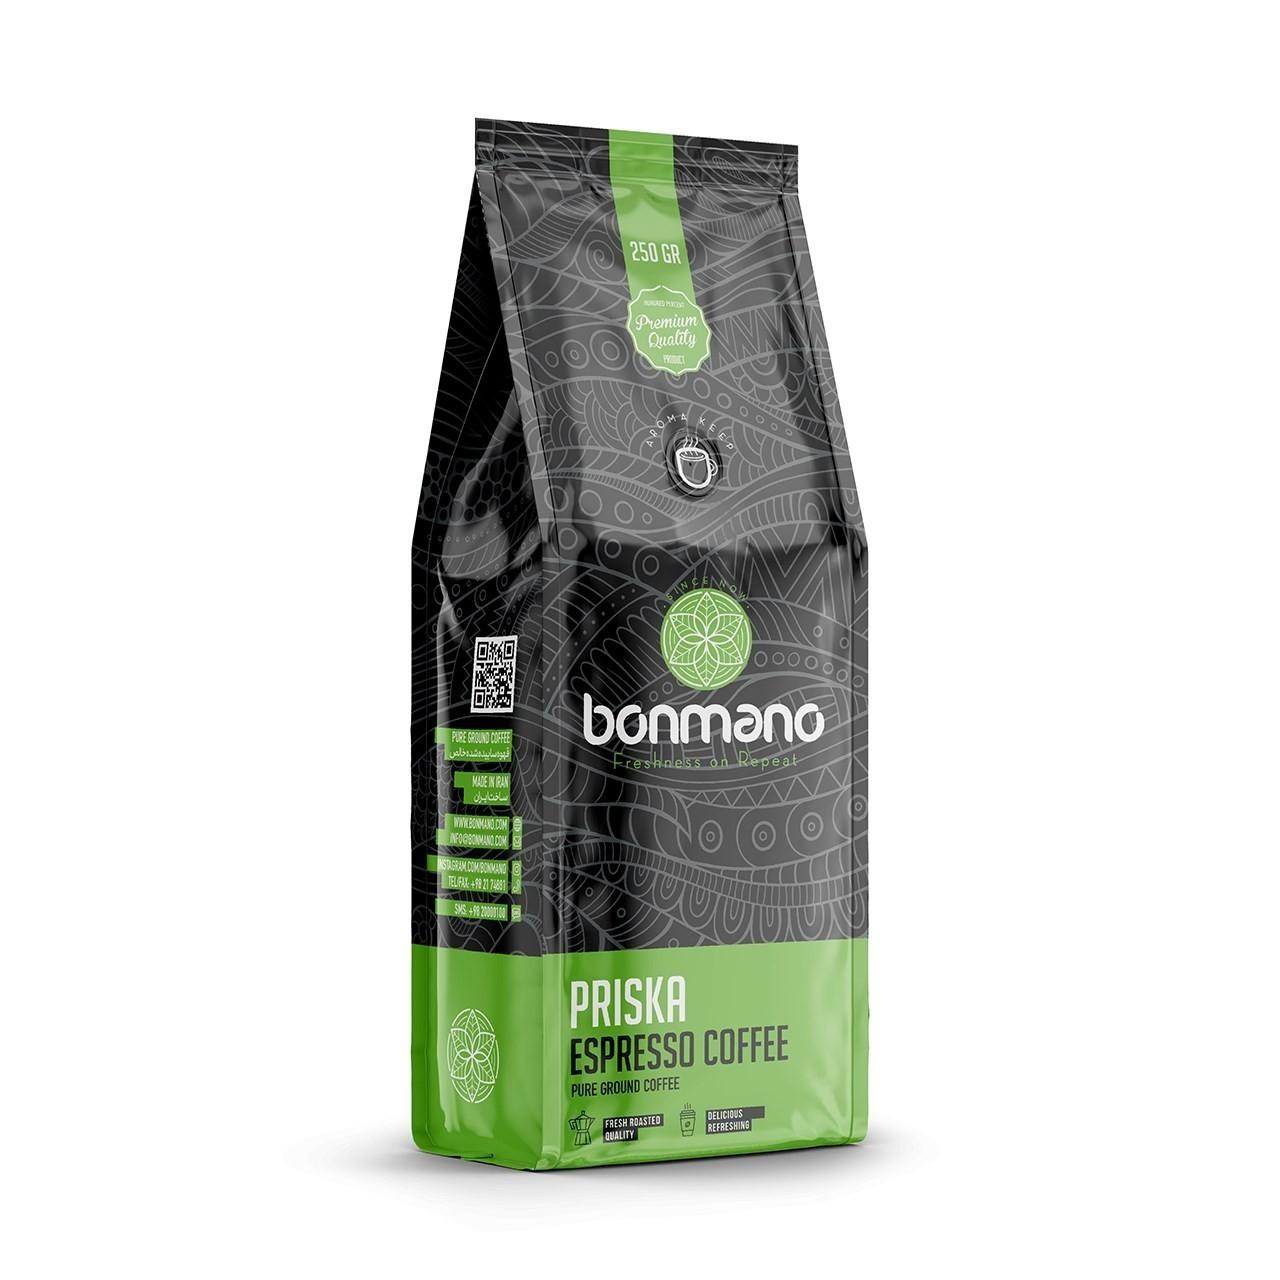 قهوه اسپرسو بن مانو مدل پریسکا ۲۵۰ گرمی